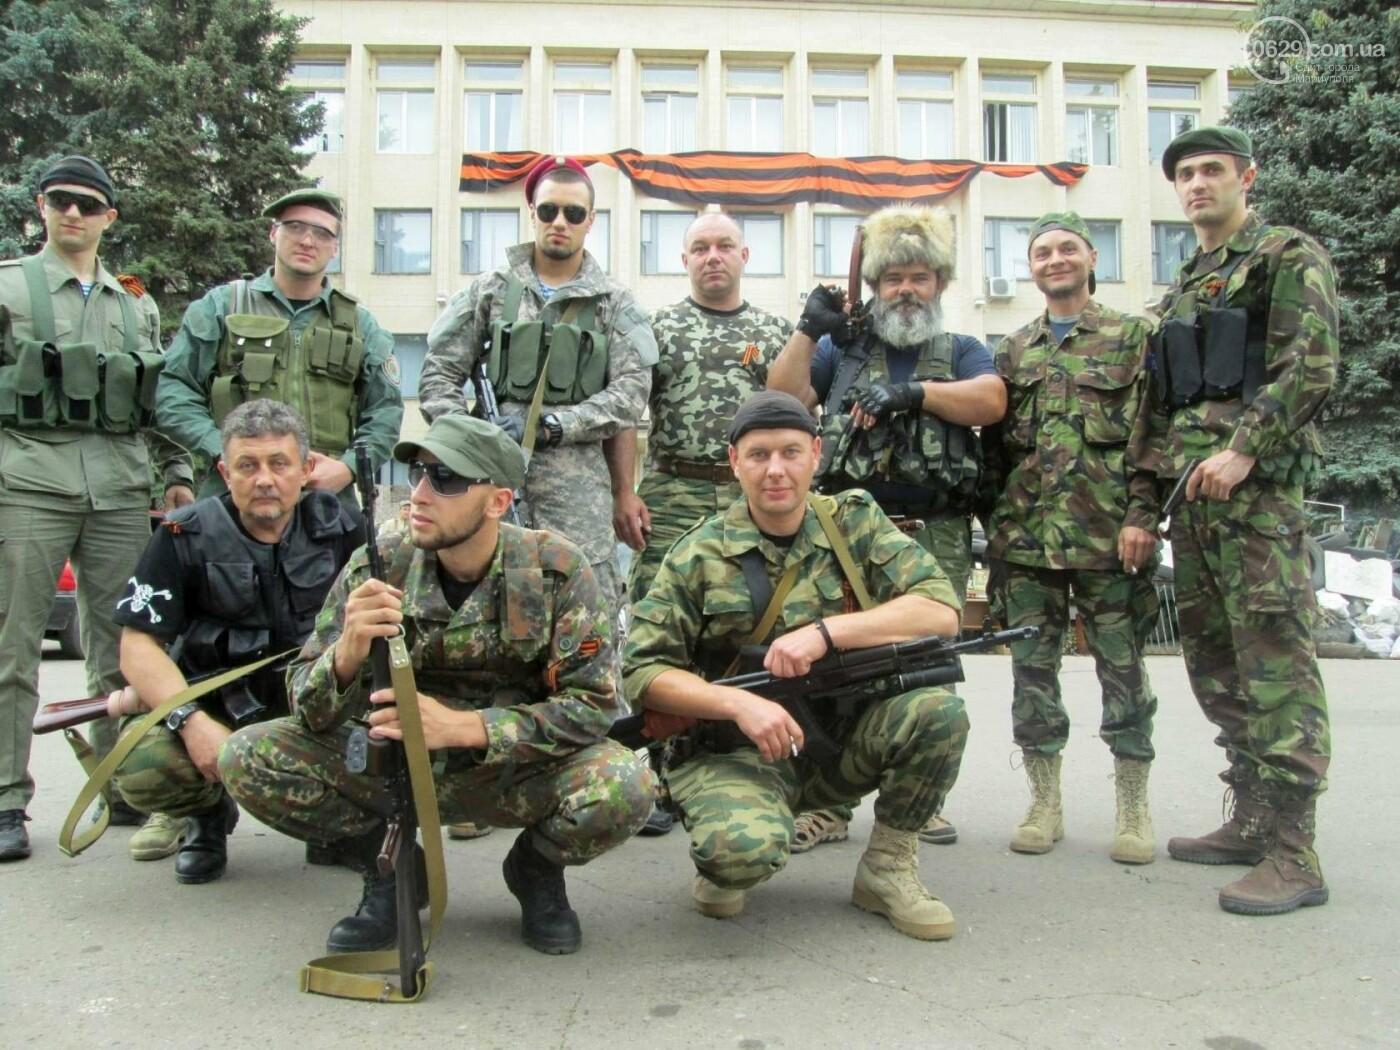 Как начиналась война. 7 лет назад боевики захватили Славянск, - ФОТО, фото-1